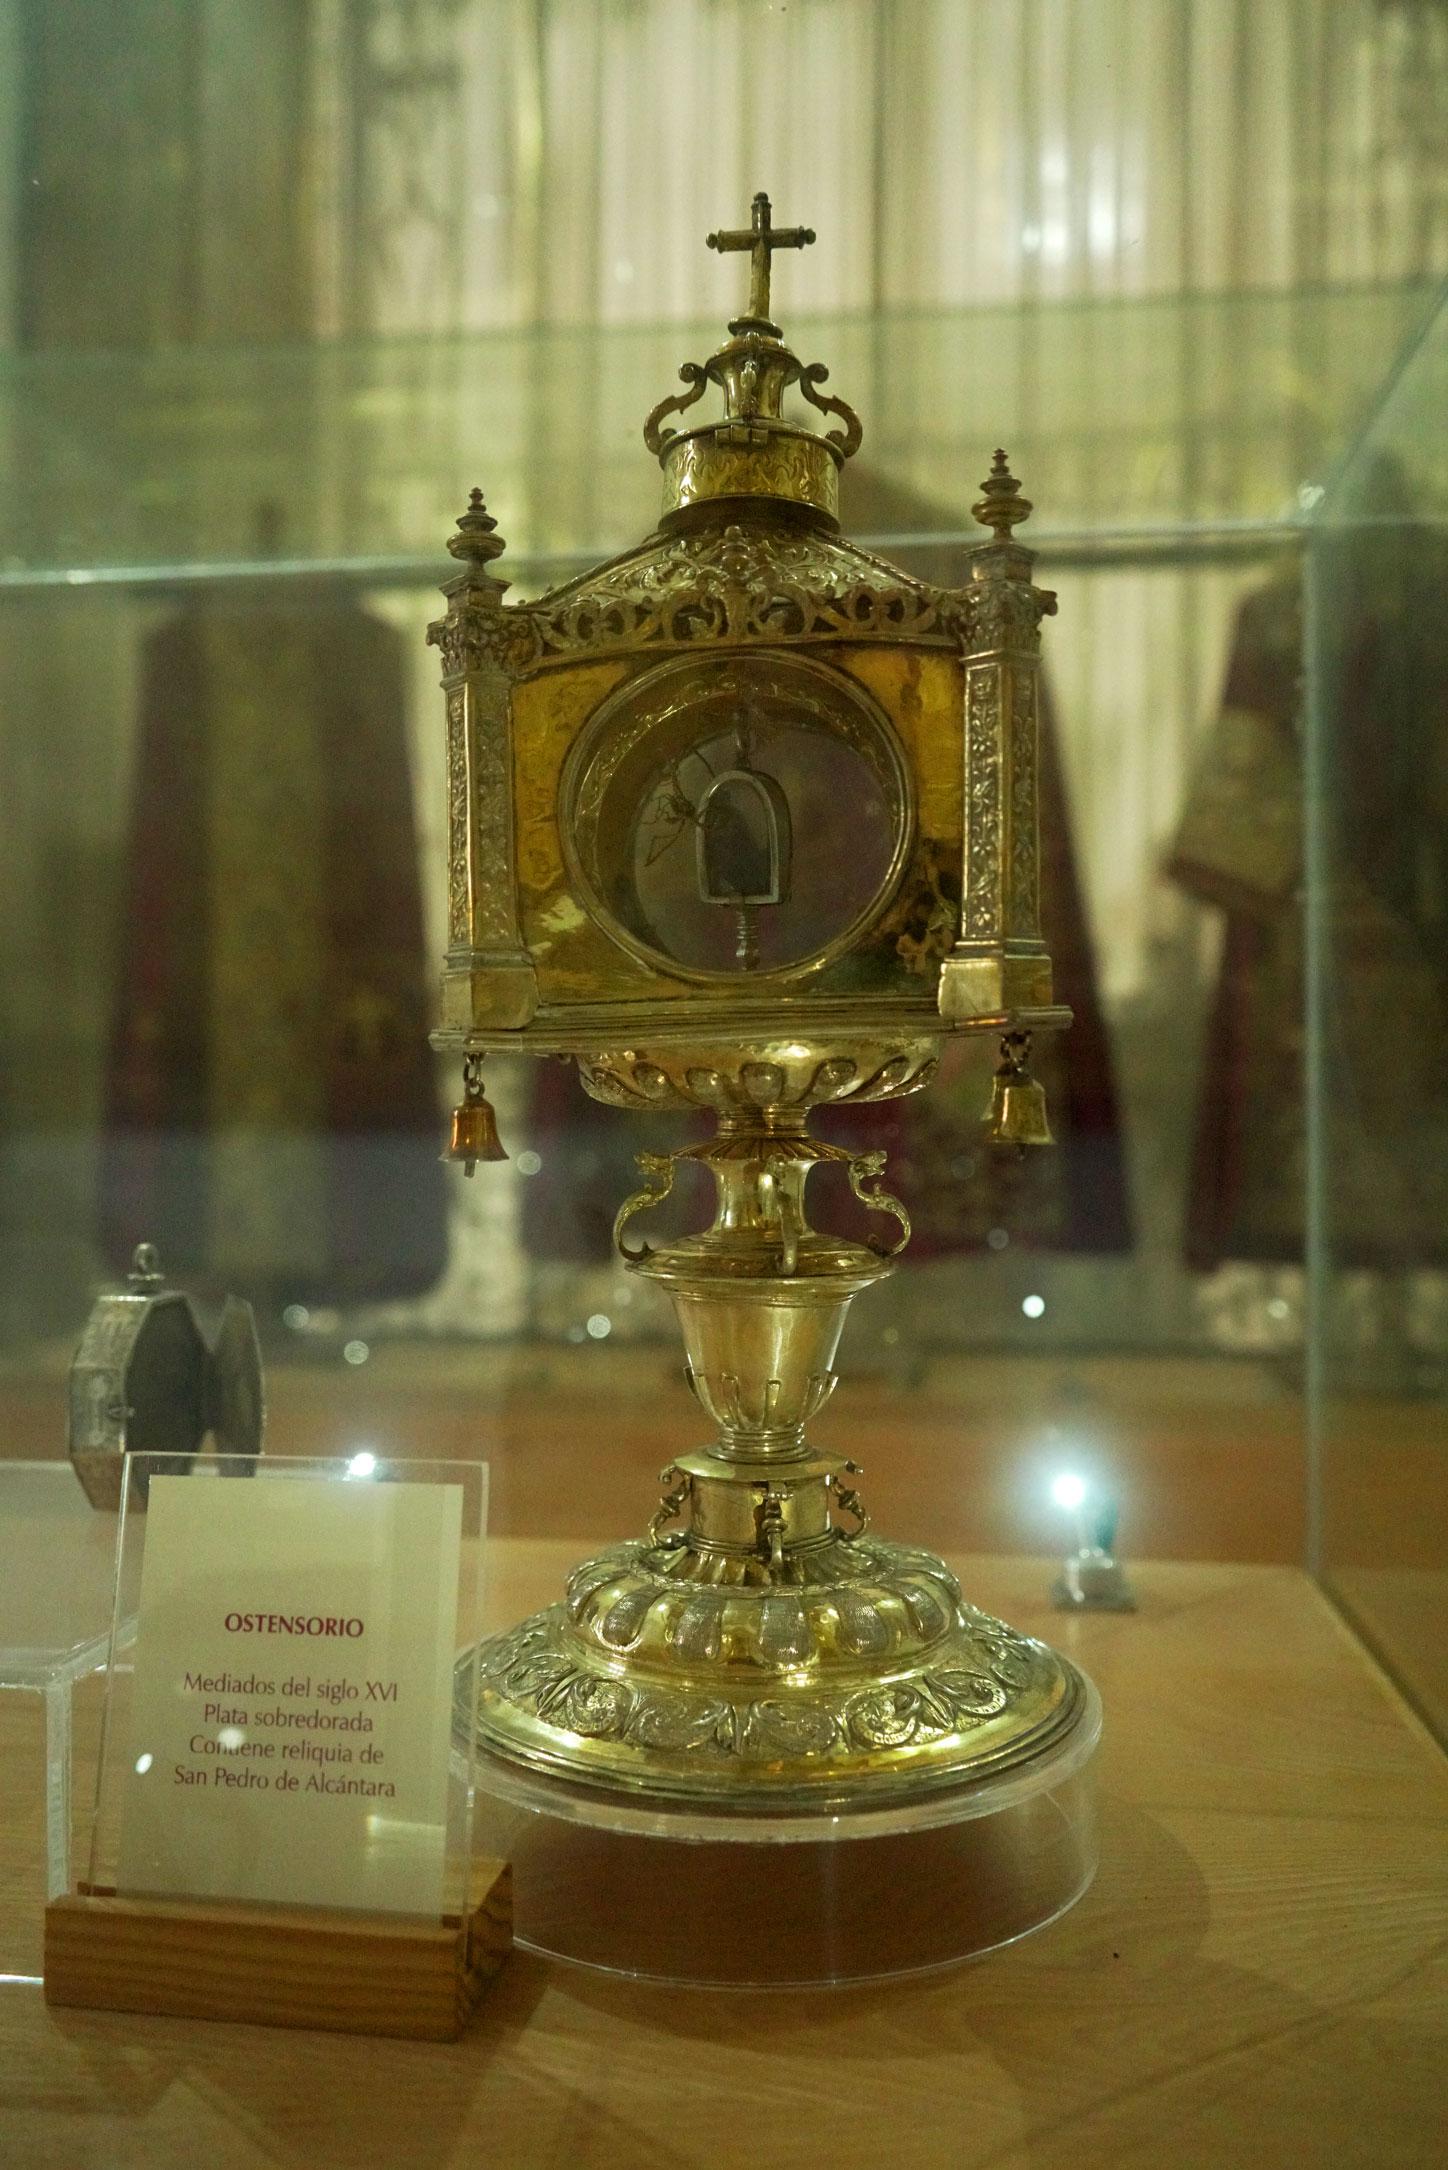 Relíquia de São Pedro de Alcântara